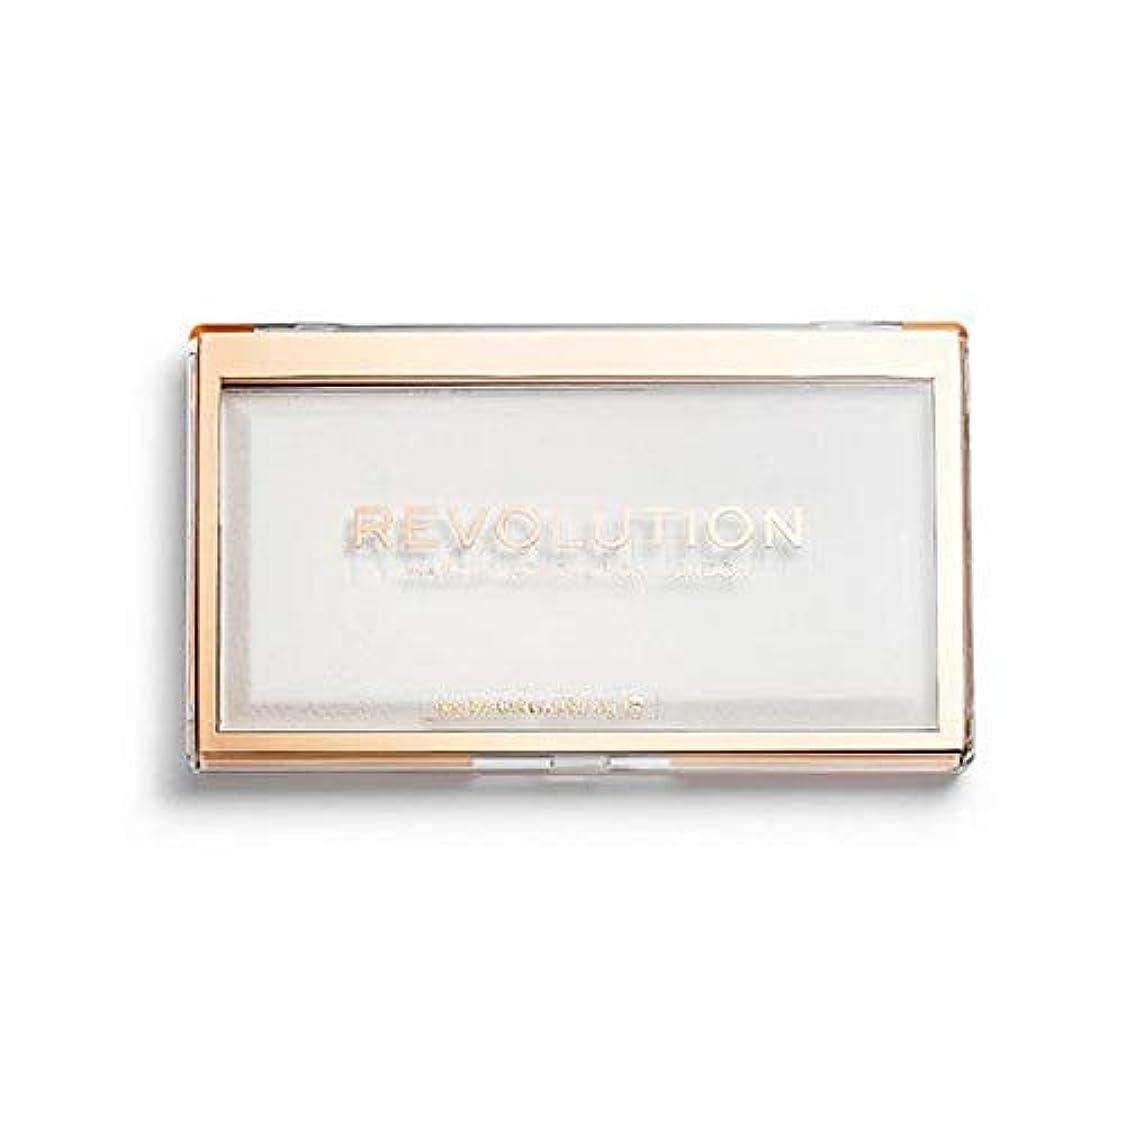 戦艦モンキーケーブル[Revolution ] 回転マットベース粉末P0 - Revolution Matte Base Powder P0 [並行輸入品]